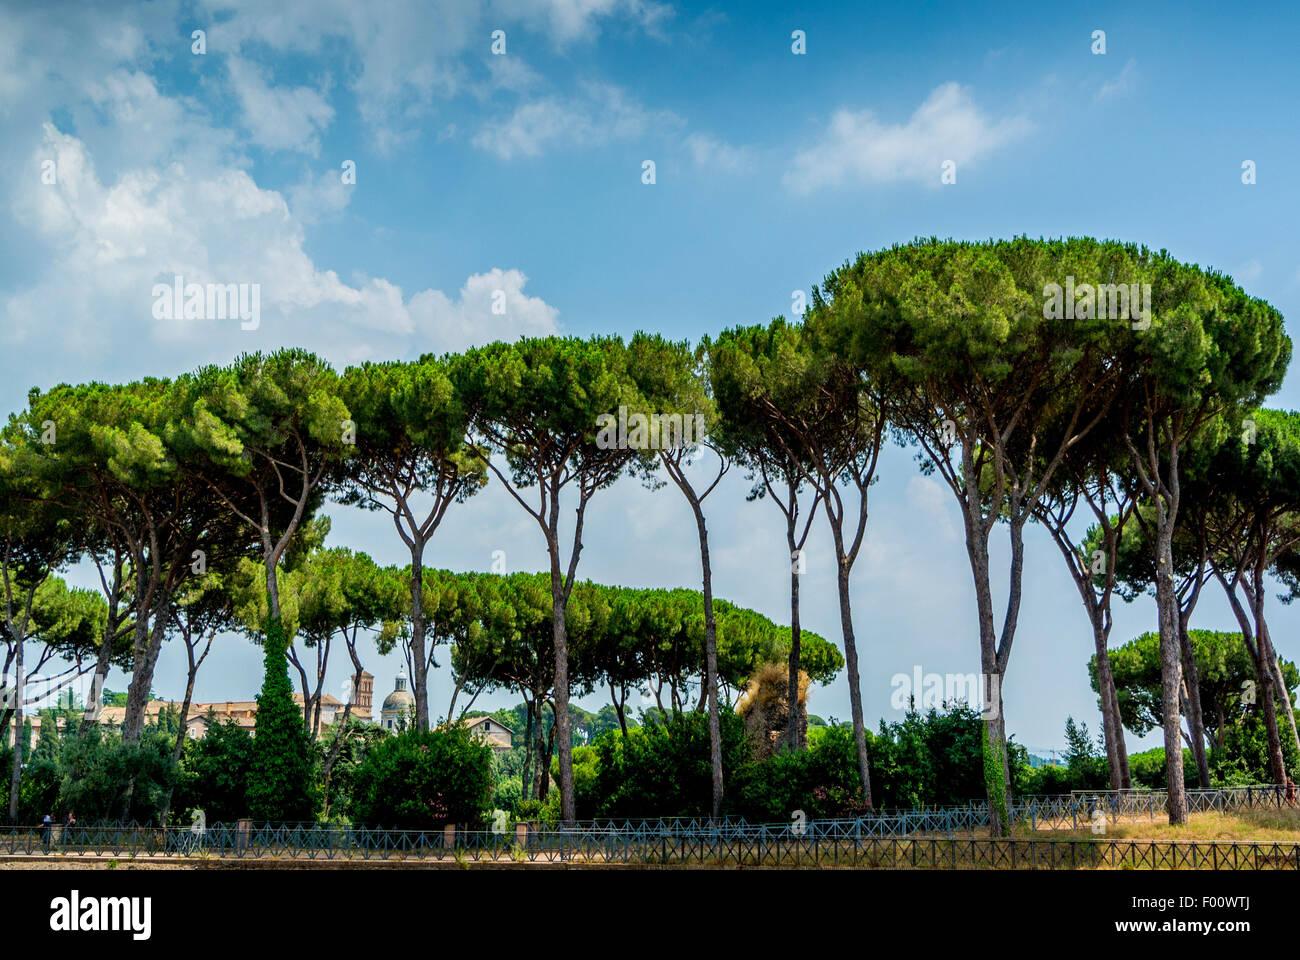 Pinien entlang der Kante des Stadions in das römische Forum. Rom. Italien. Stockbild